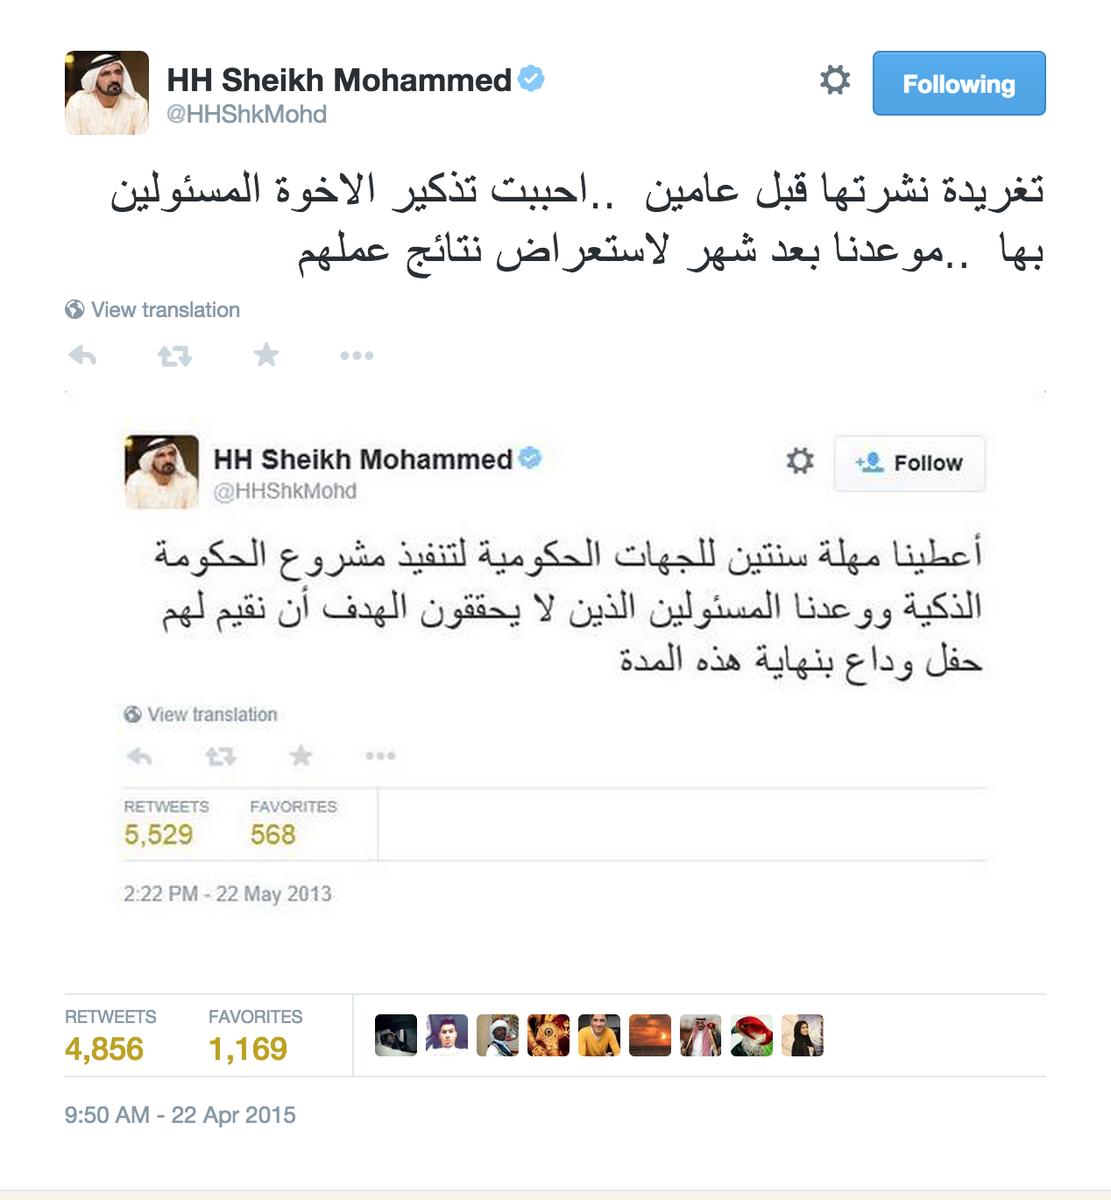 حاكم دبي.. بكل علانية بيتابع وعود حكومته من غير ما حد يفتح بقه واللي مش هينفذ هيروح. وعبعاطي لسا لواء. http://t.co/mmKbLZYqYD